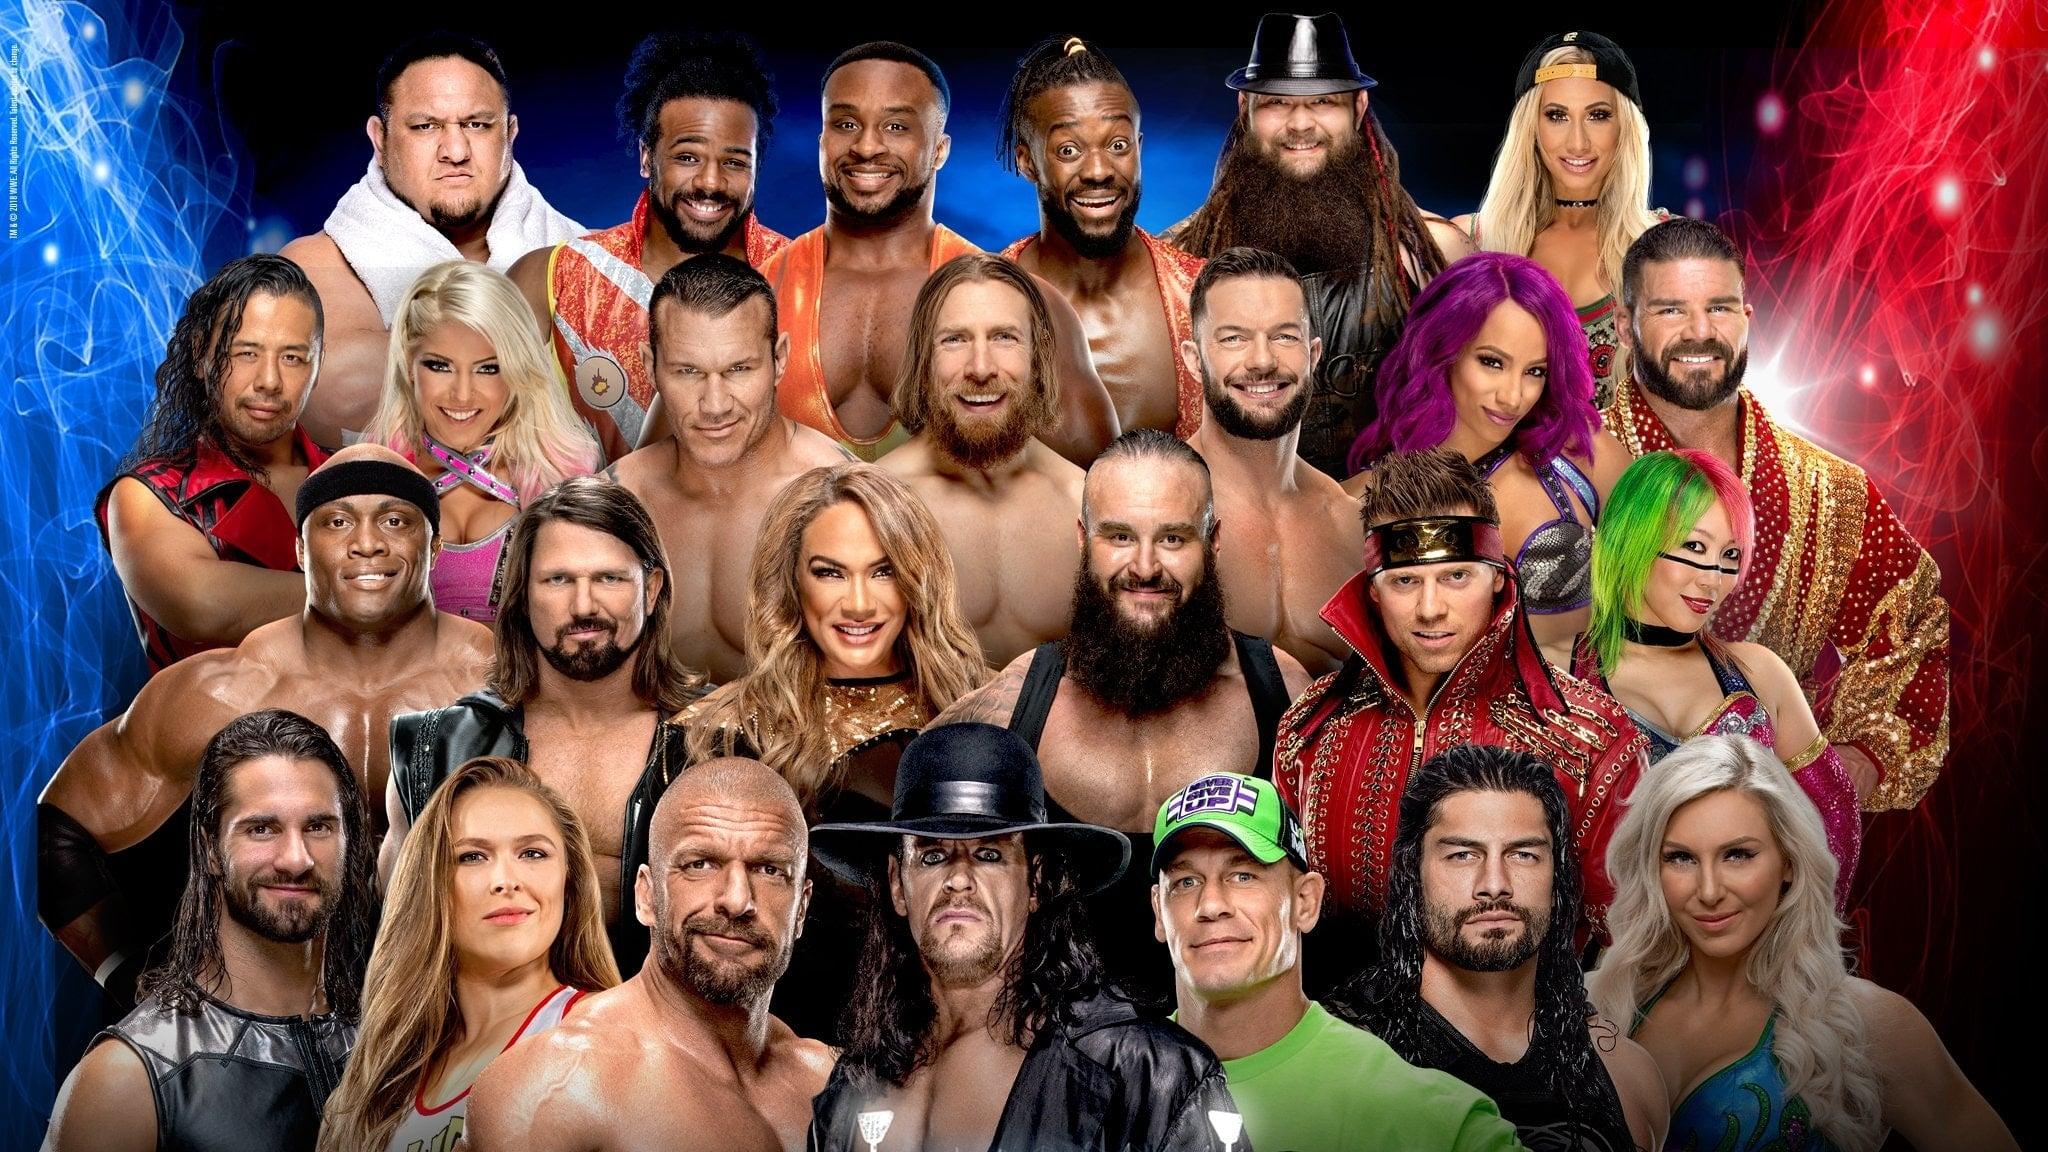 WWE RAW parfois intitulé WWE Monday Night RAW est une émission télévisée de catch professionnel qui est actuellement diffusée en direct le lundi soir sur USA